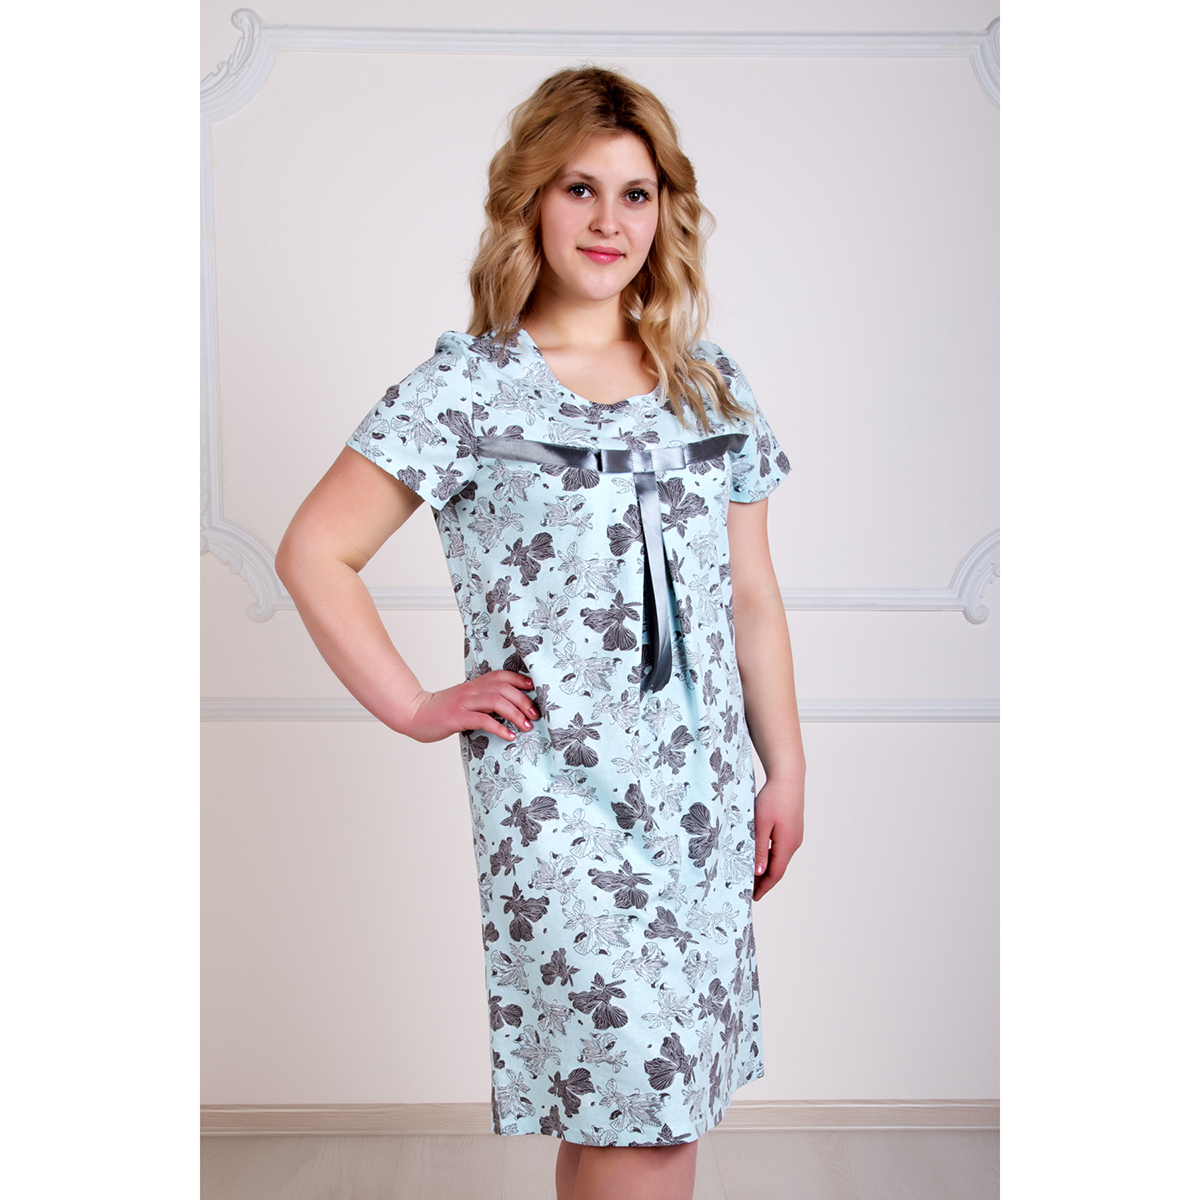 Женская сорочка Лилия, размер 50Пижамы и ночные сорочки<br>Обхват груди:100 см<br>Обхват талии:82 см<br>Обхват бедер:108 см<br>Рост:167 см<br><br>Тип: Жен. сорочка<br>Размер: 50<br>Материал: Кулирка